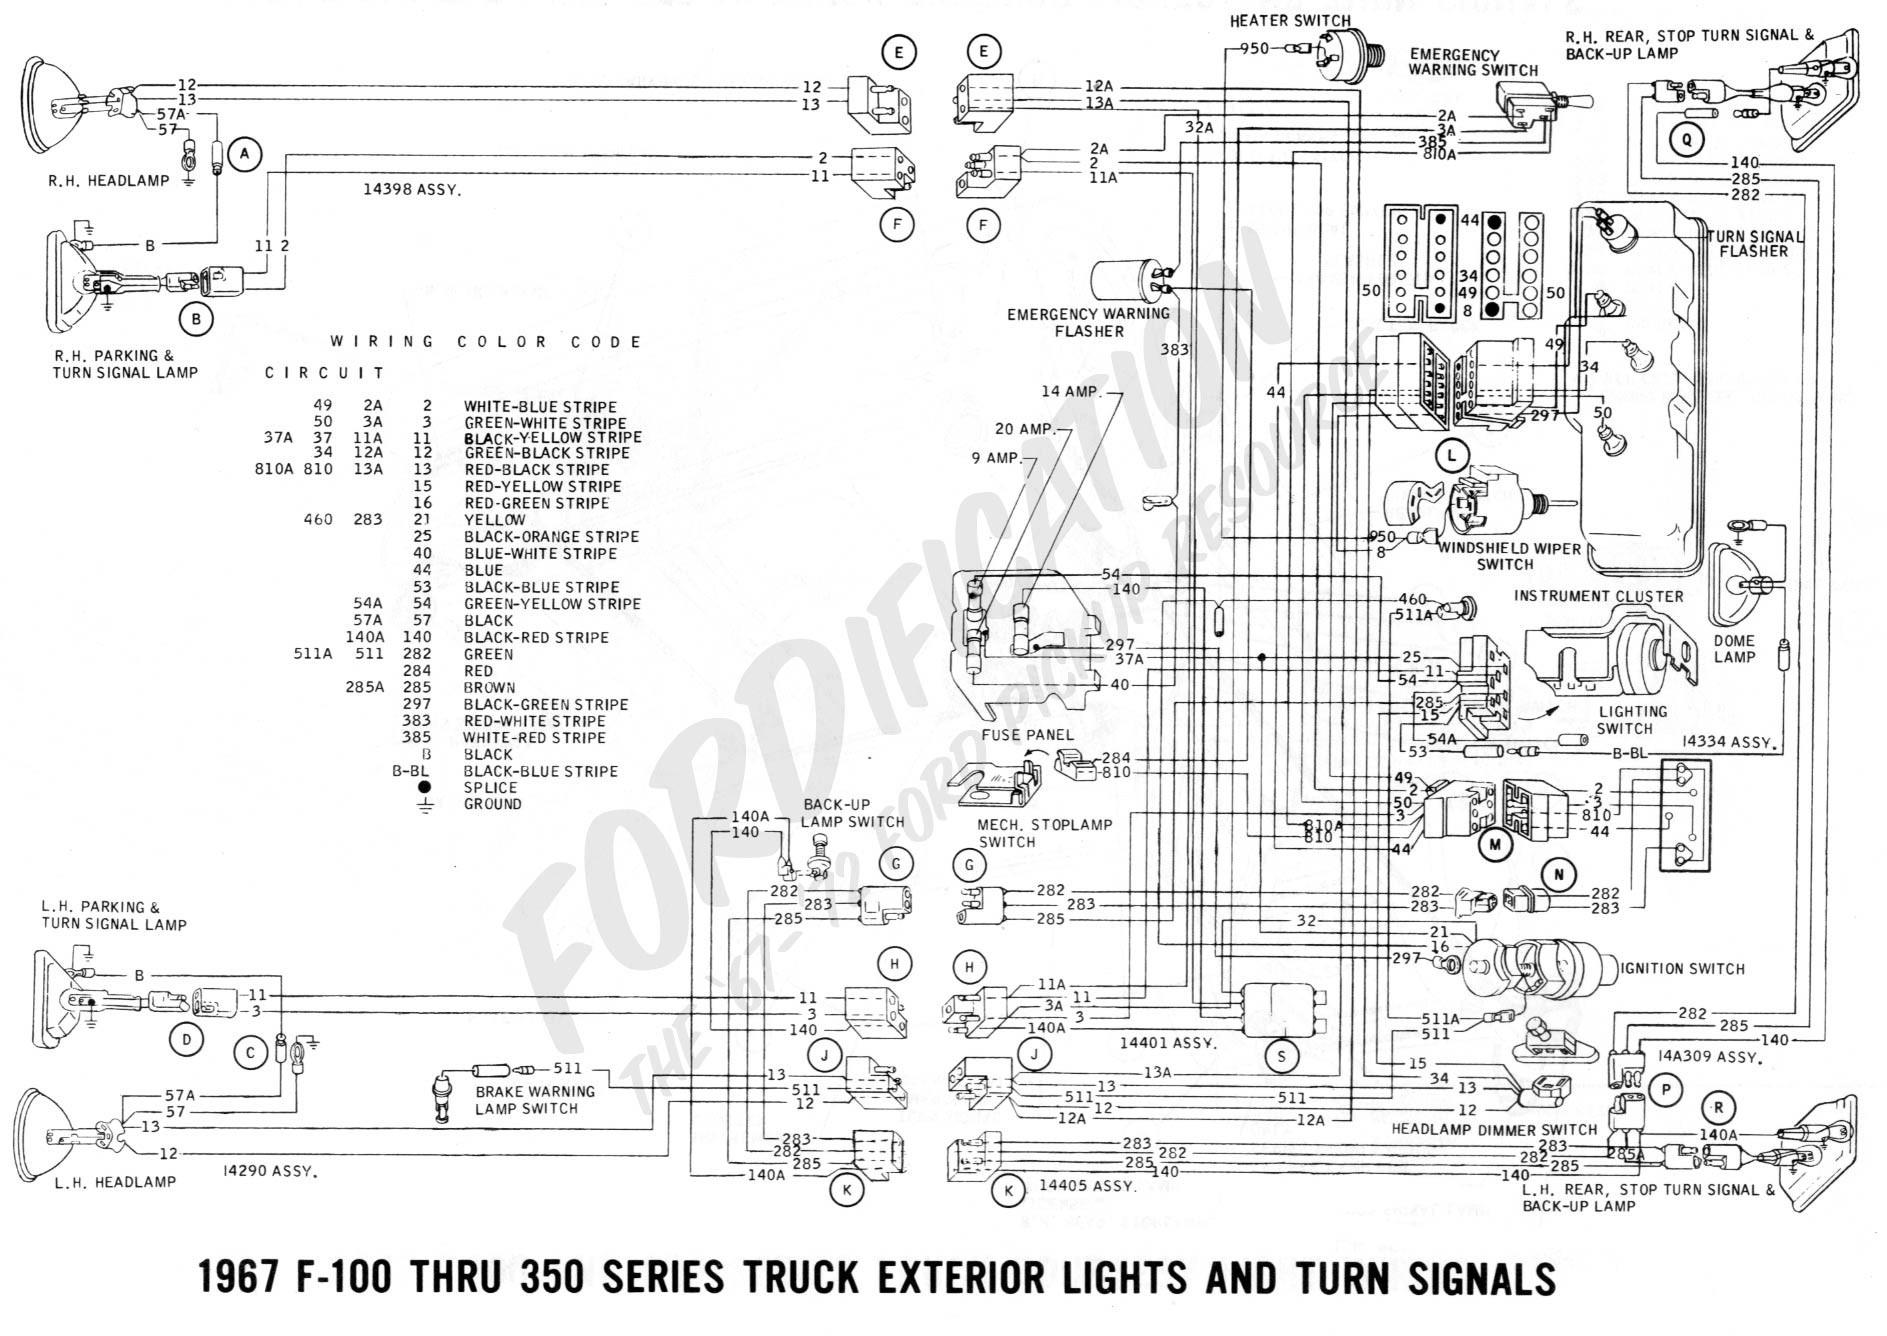 Ford Ranger Engine Diagram Luxury ford Ranger Wiring Harness Diagram  Diagram Of Ford Ranger Engine Diagram